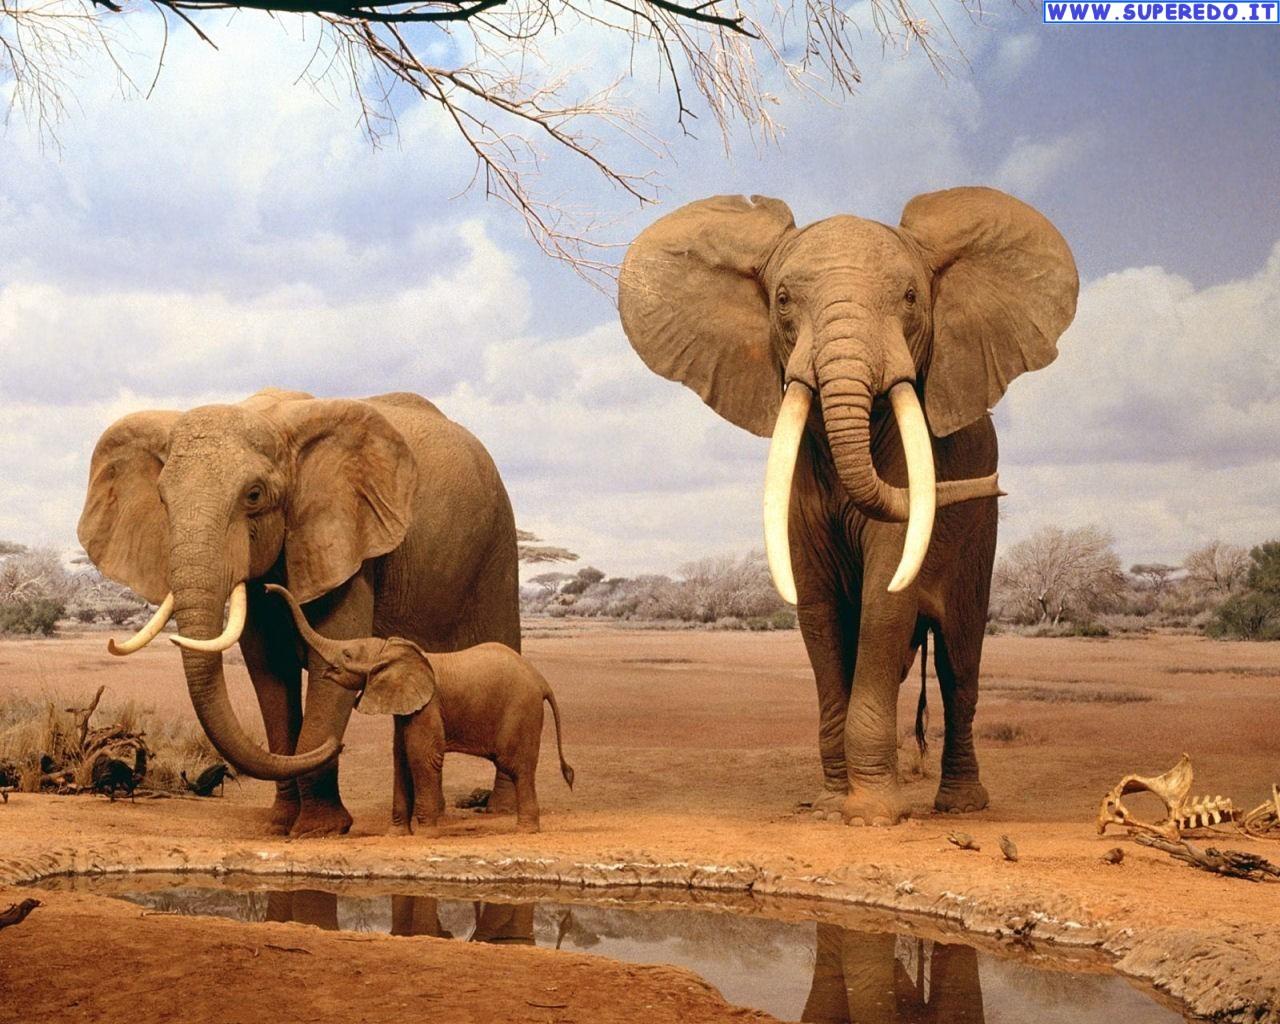 Gli elefanti sanno sconfiggere il cancro, possiamo imparare da loro